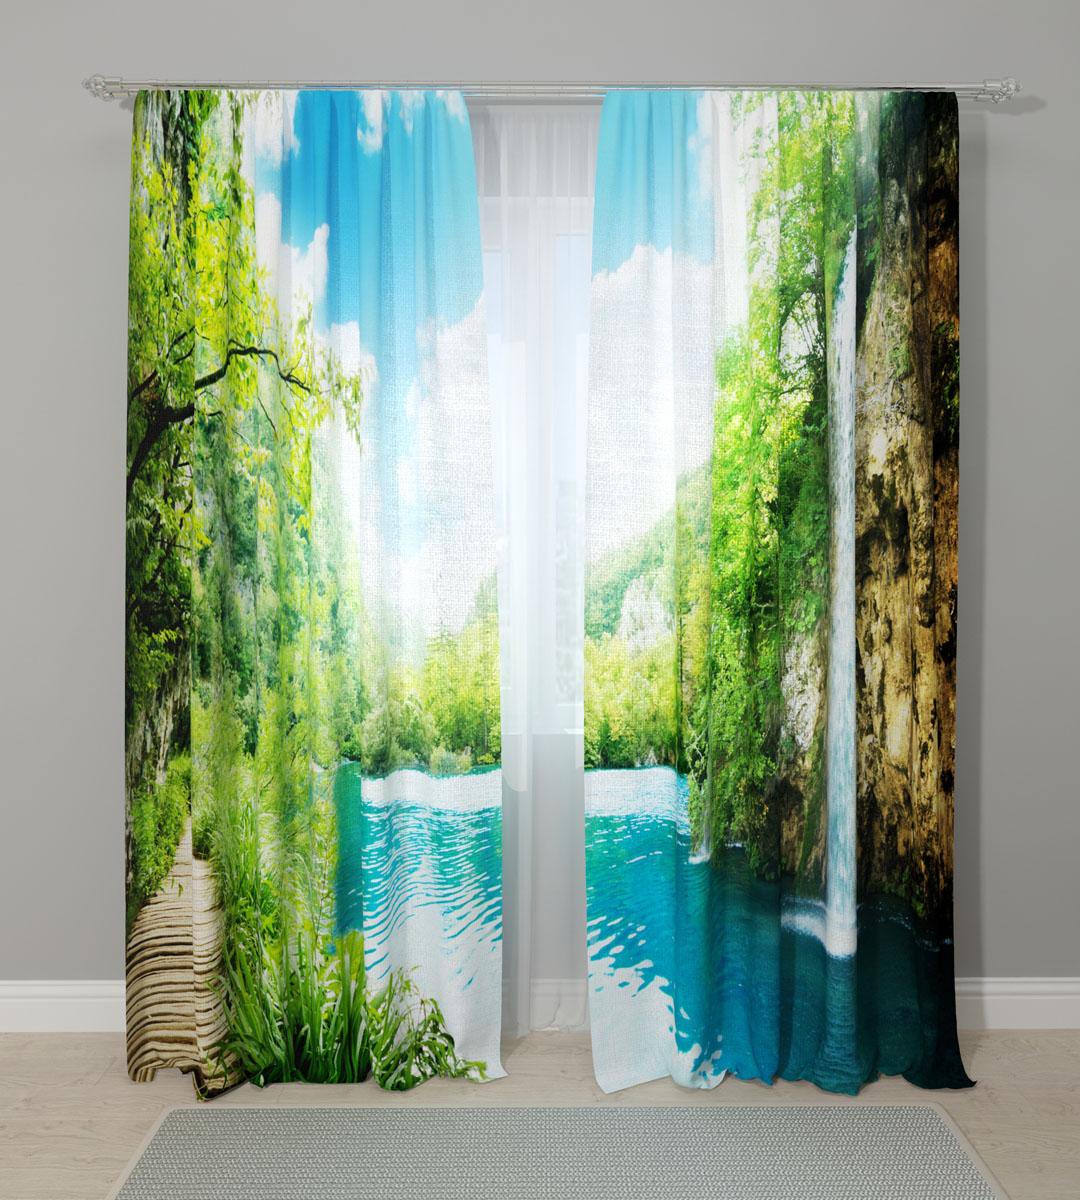 Комплект фотоштор Сирень Тропический водопад, на ленте, высота 260 см фототюль сирень тропический закат